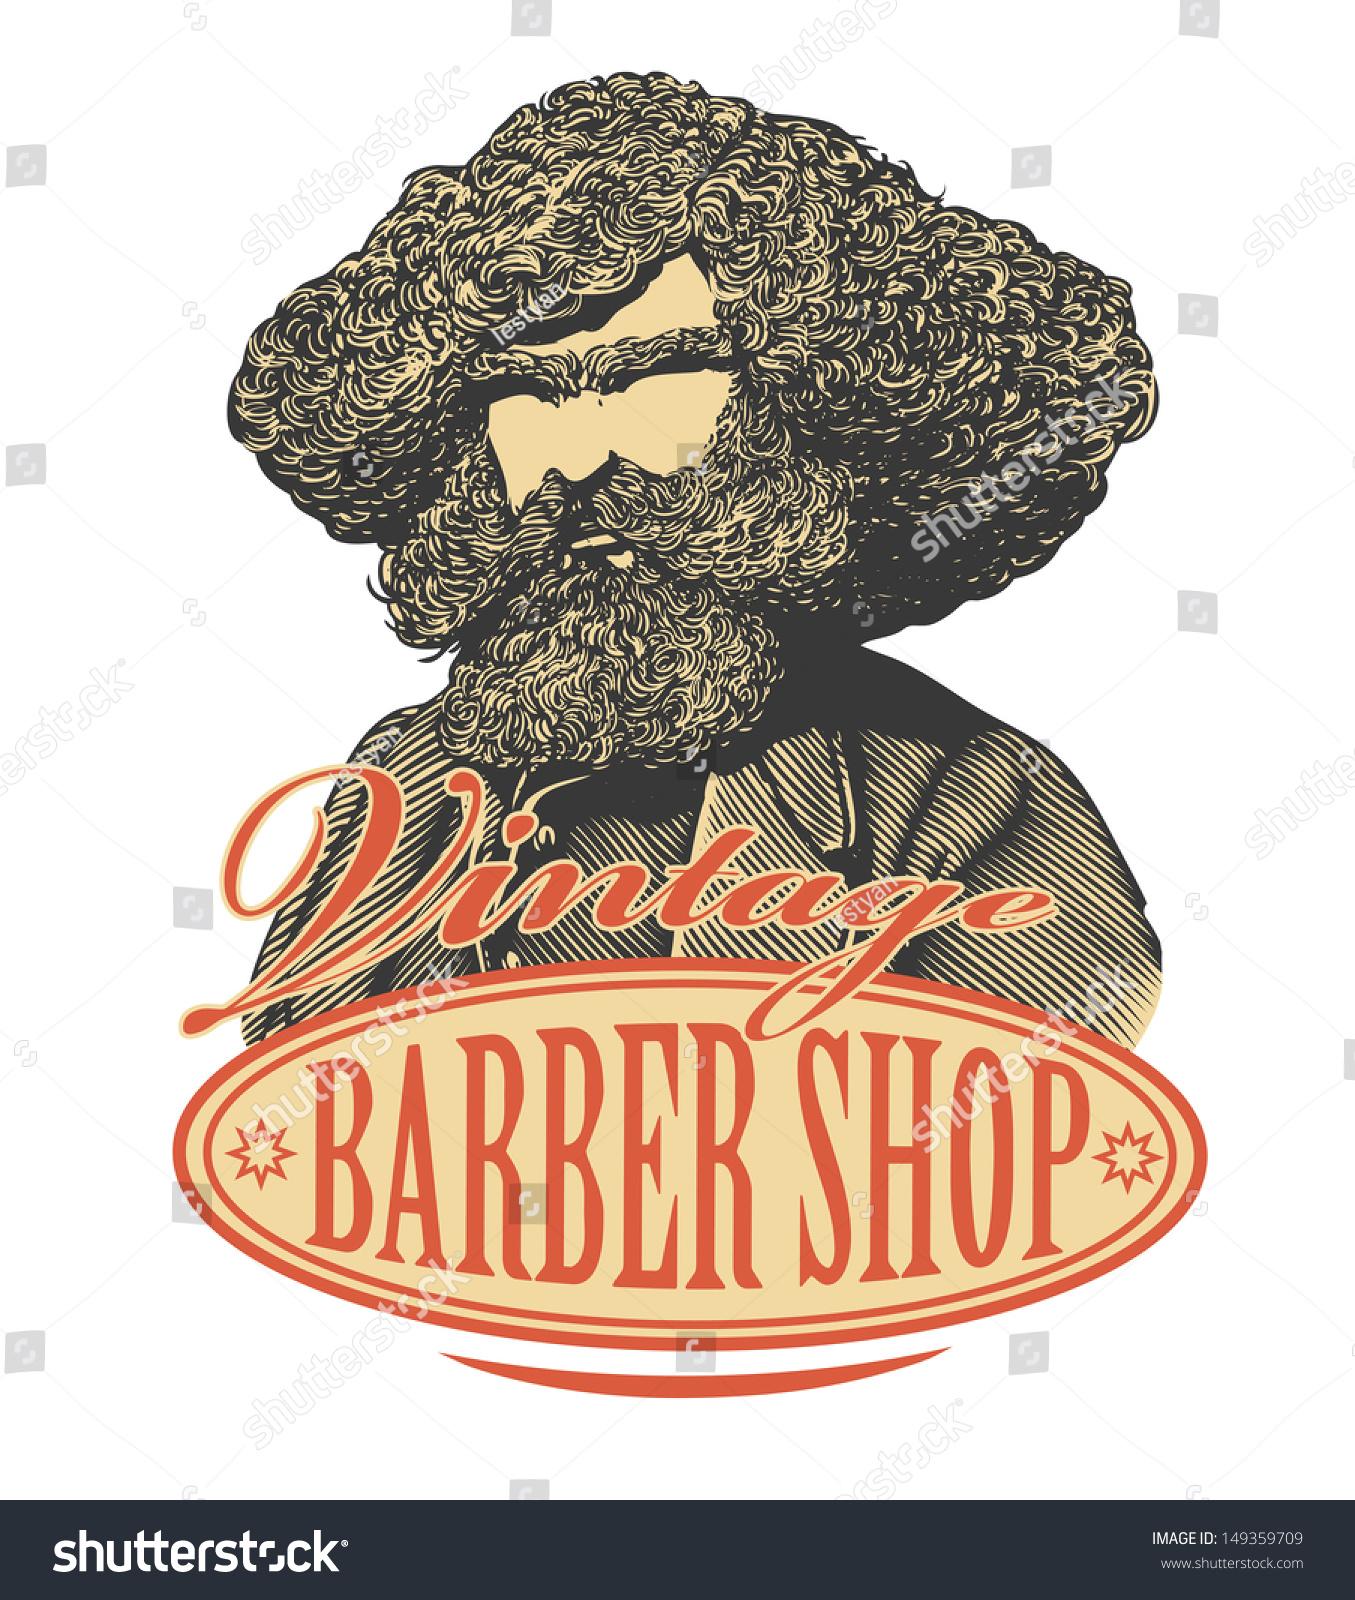 Antique barber shop signs - Vintage Barber Shop Sign Board With Bearded Man